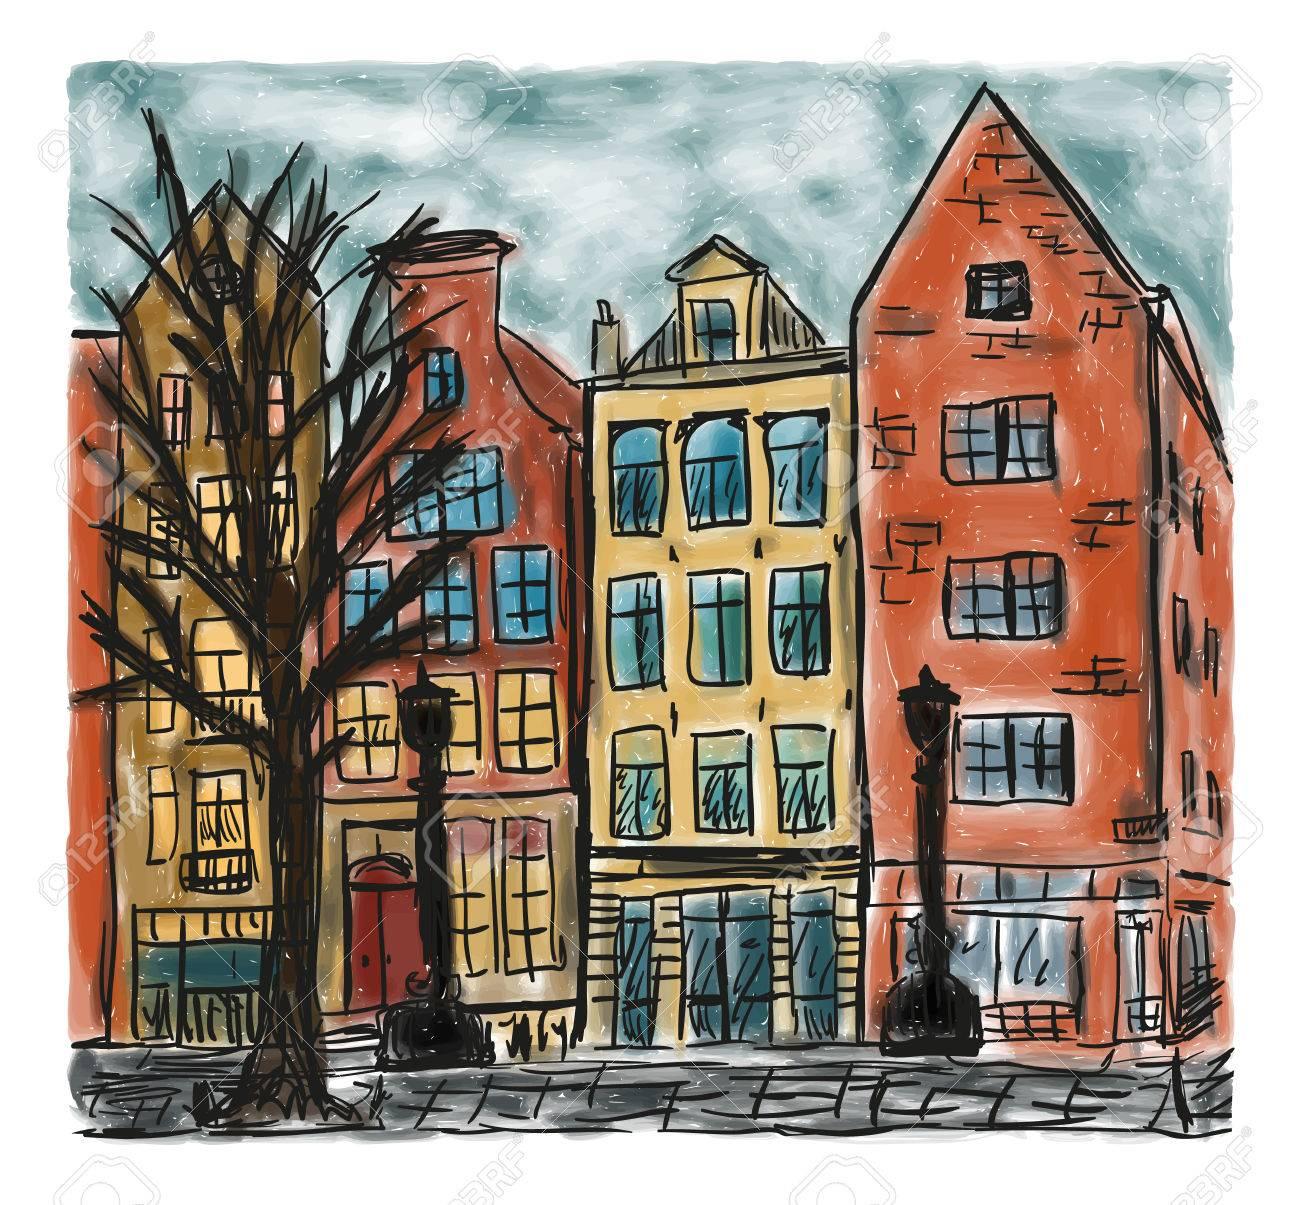 https://previews.123rf.com/images/kytalpa/kytalpa1707/kytalpa170700016/81817519-el-estilo-europeo-de-la-casa-de-la-ciudad-pintura-dibujada-a-mano-coloreada.jpg